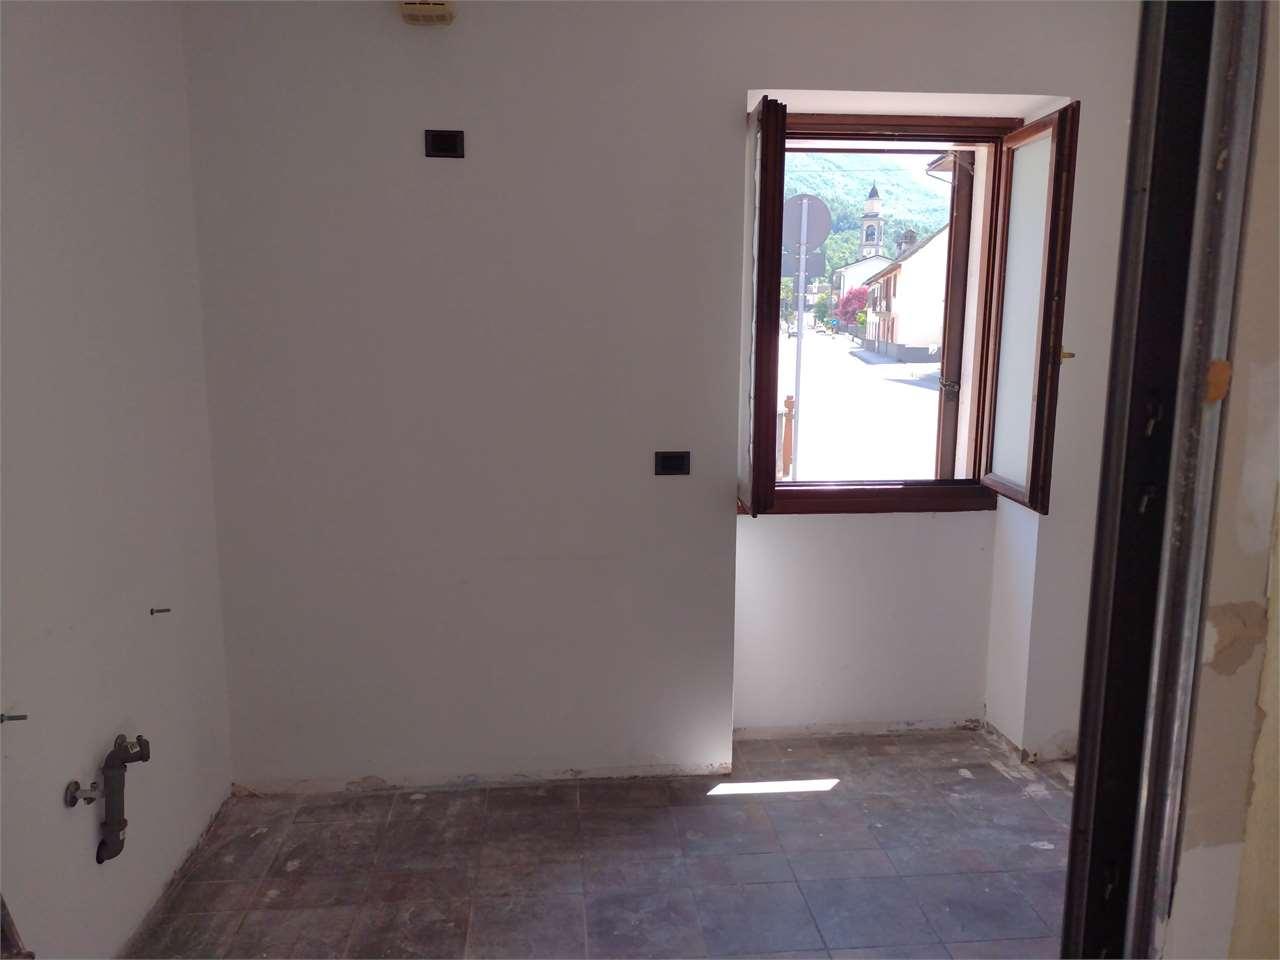 Ufficio / Studio in affitto a Masera, 4 locali, prezzo € 390 | CambioCasa.it